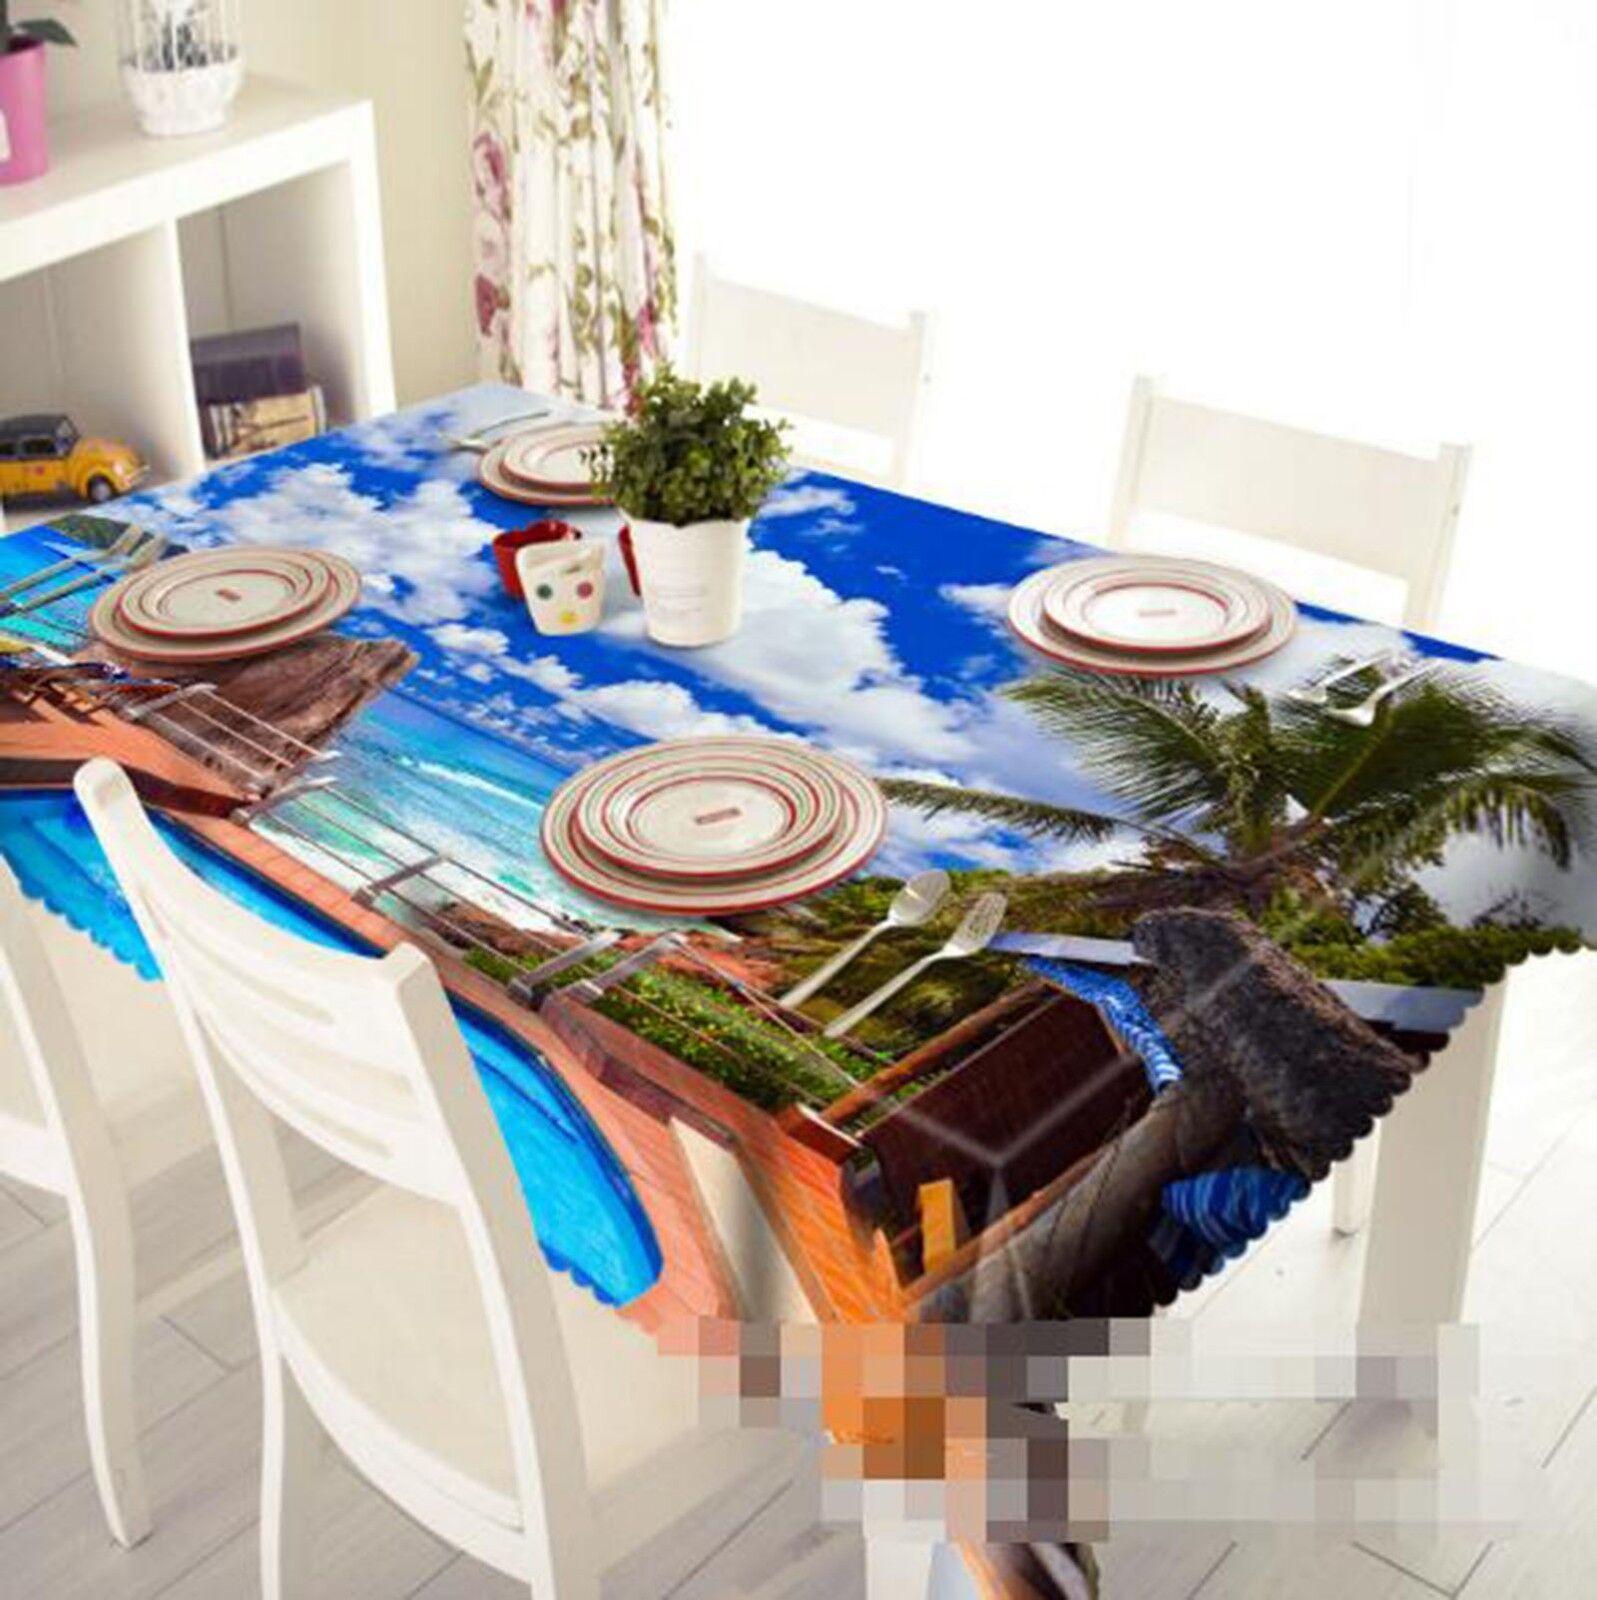 3D Blau Waves Sky 13 Tablecloth Table Cover Cloth Birthday Party Event AJ Lemon